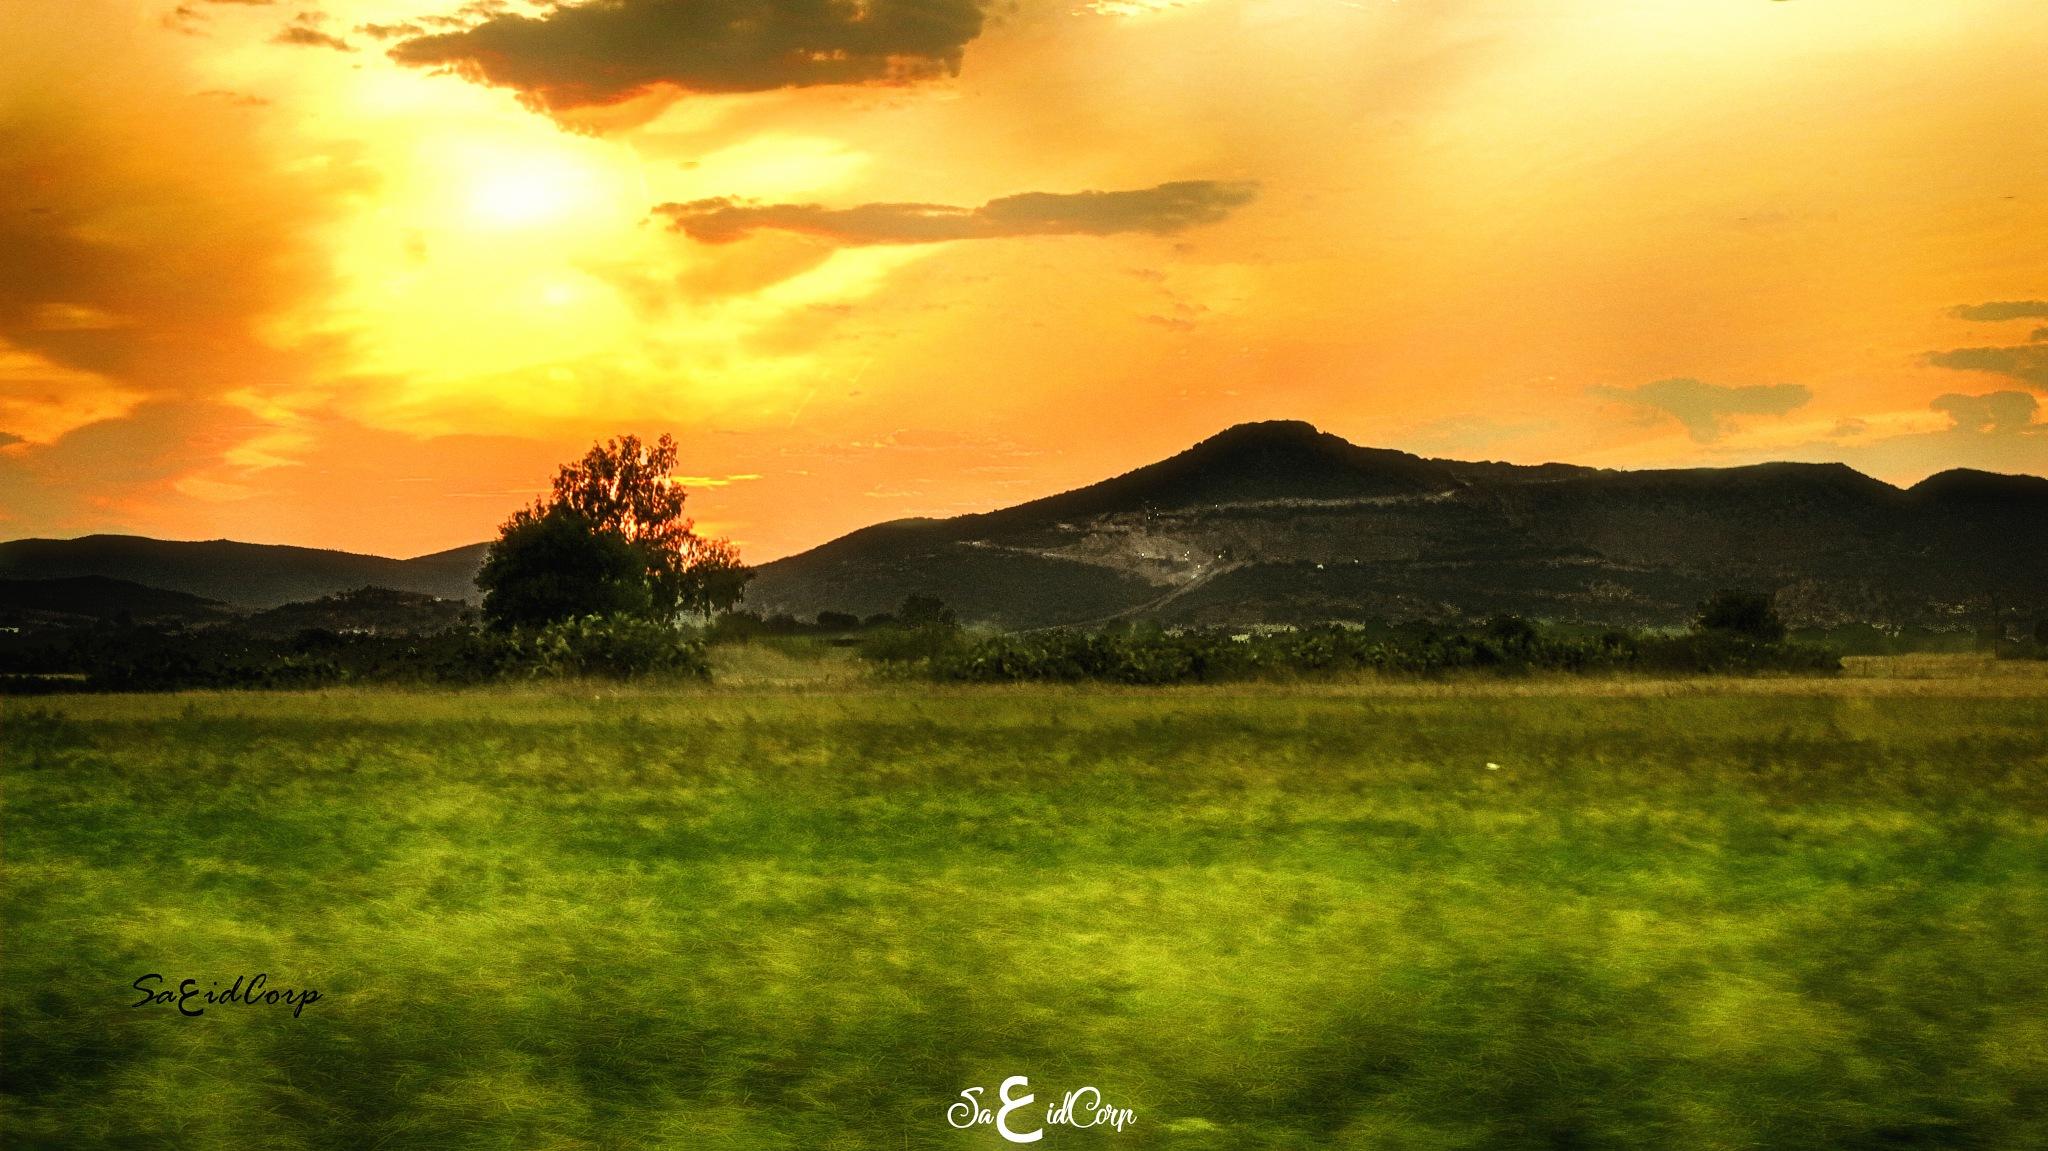 sun down by sa3idcorp